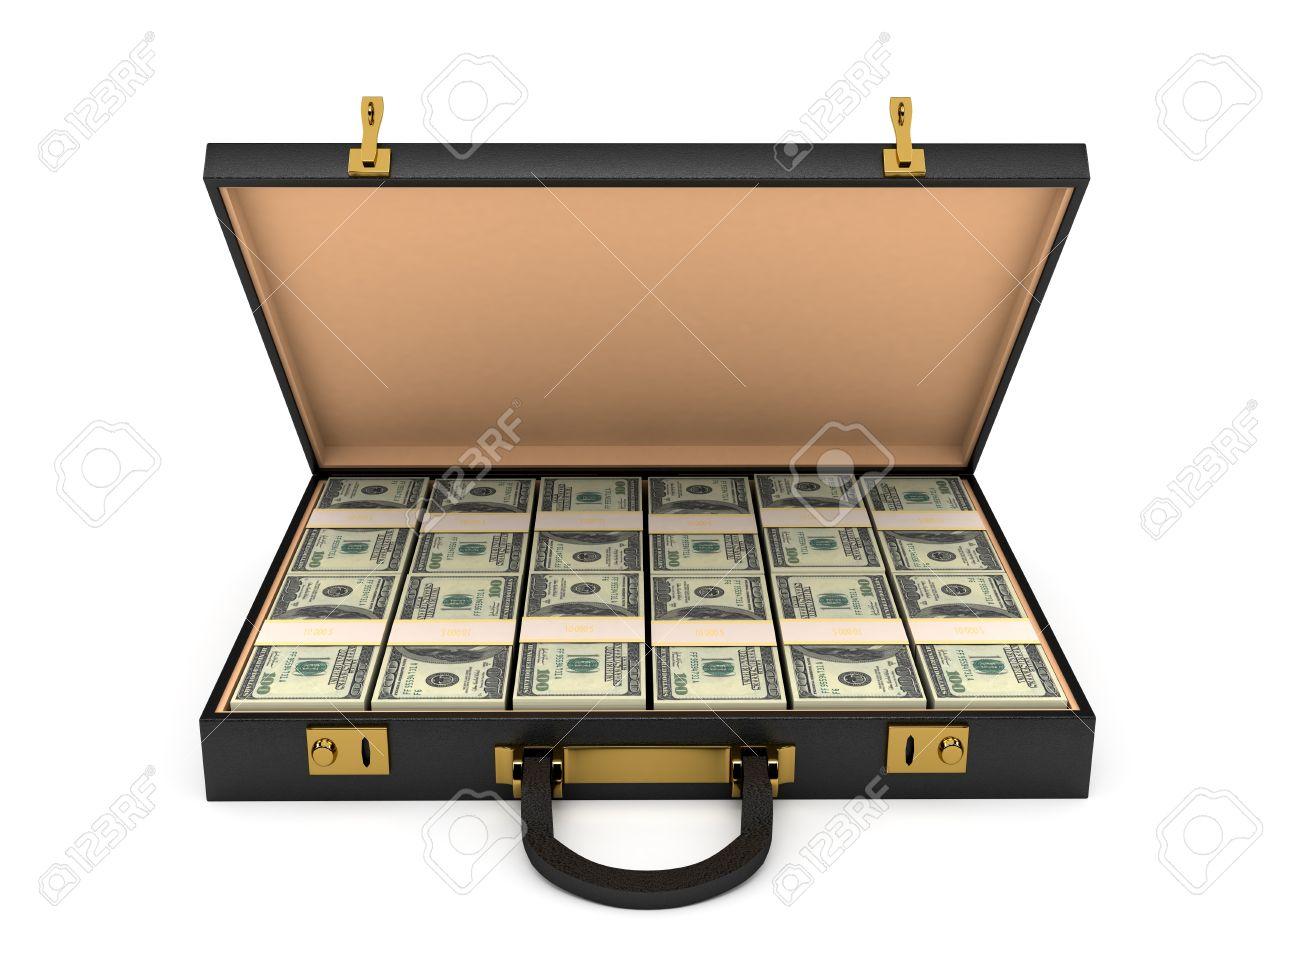 кейс на деньги